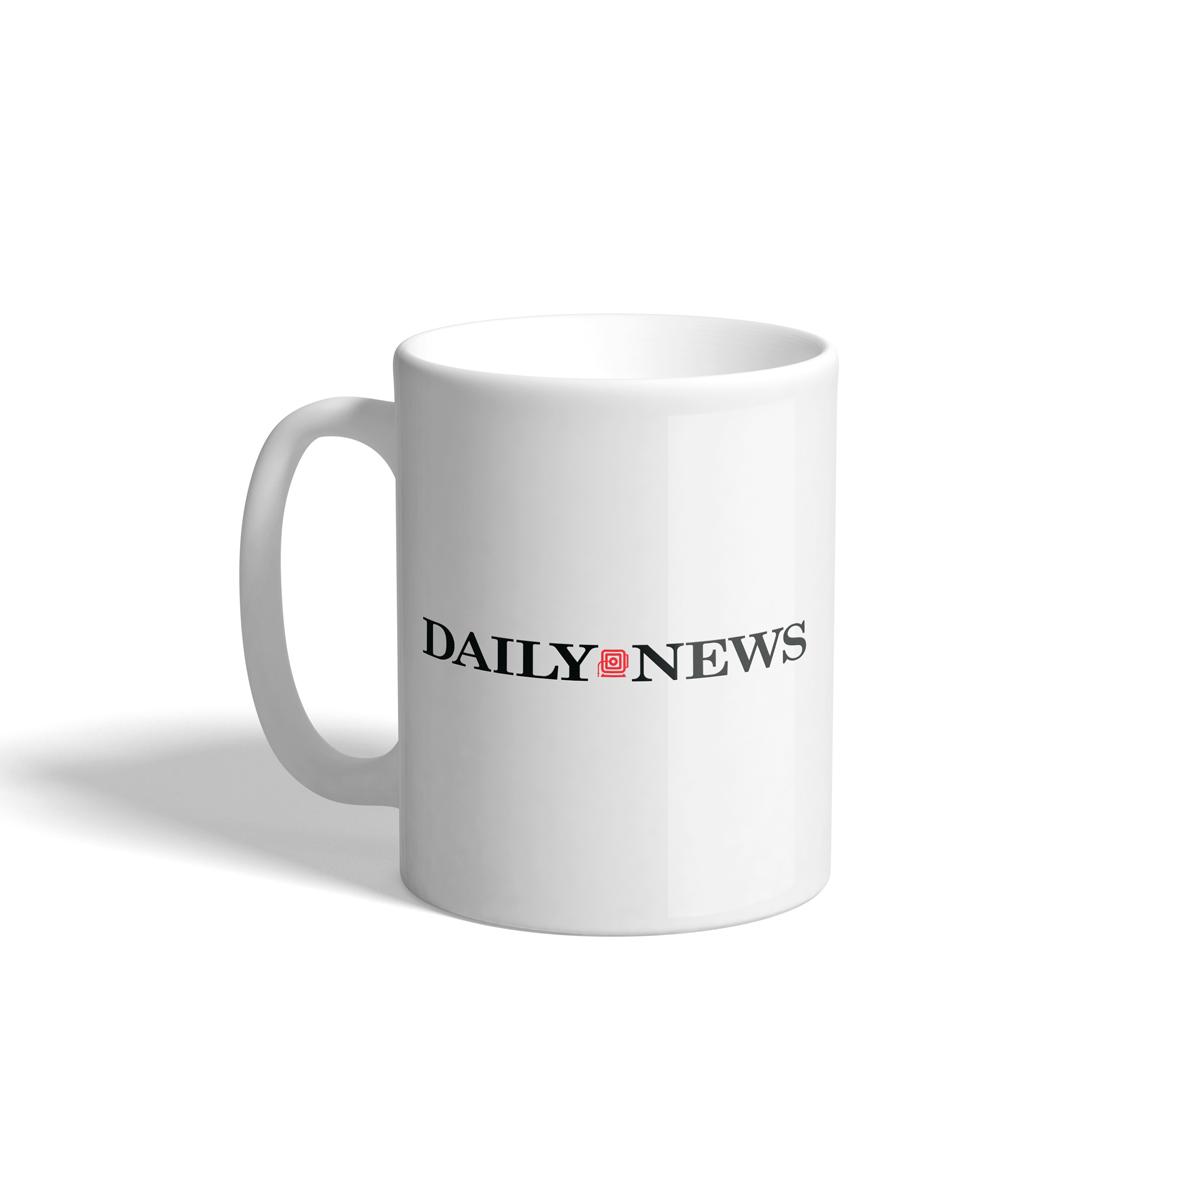 Daily News Mug